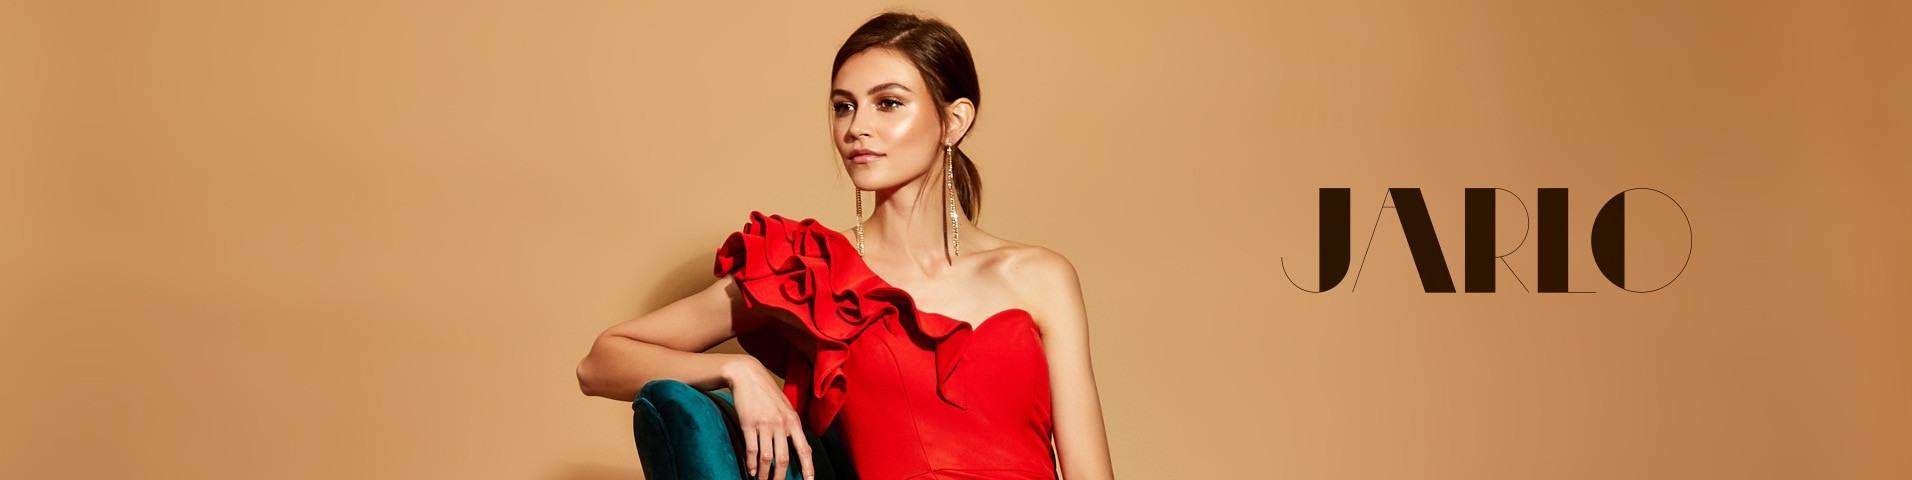 20 Schön Zalando Rotes Abendkleid SpezialgebietFormal Leicht Zalando Rotes Abendkleid Ärmel